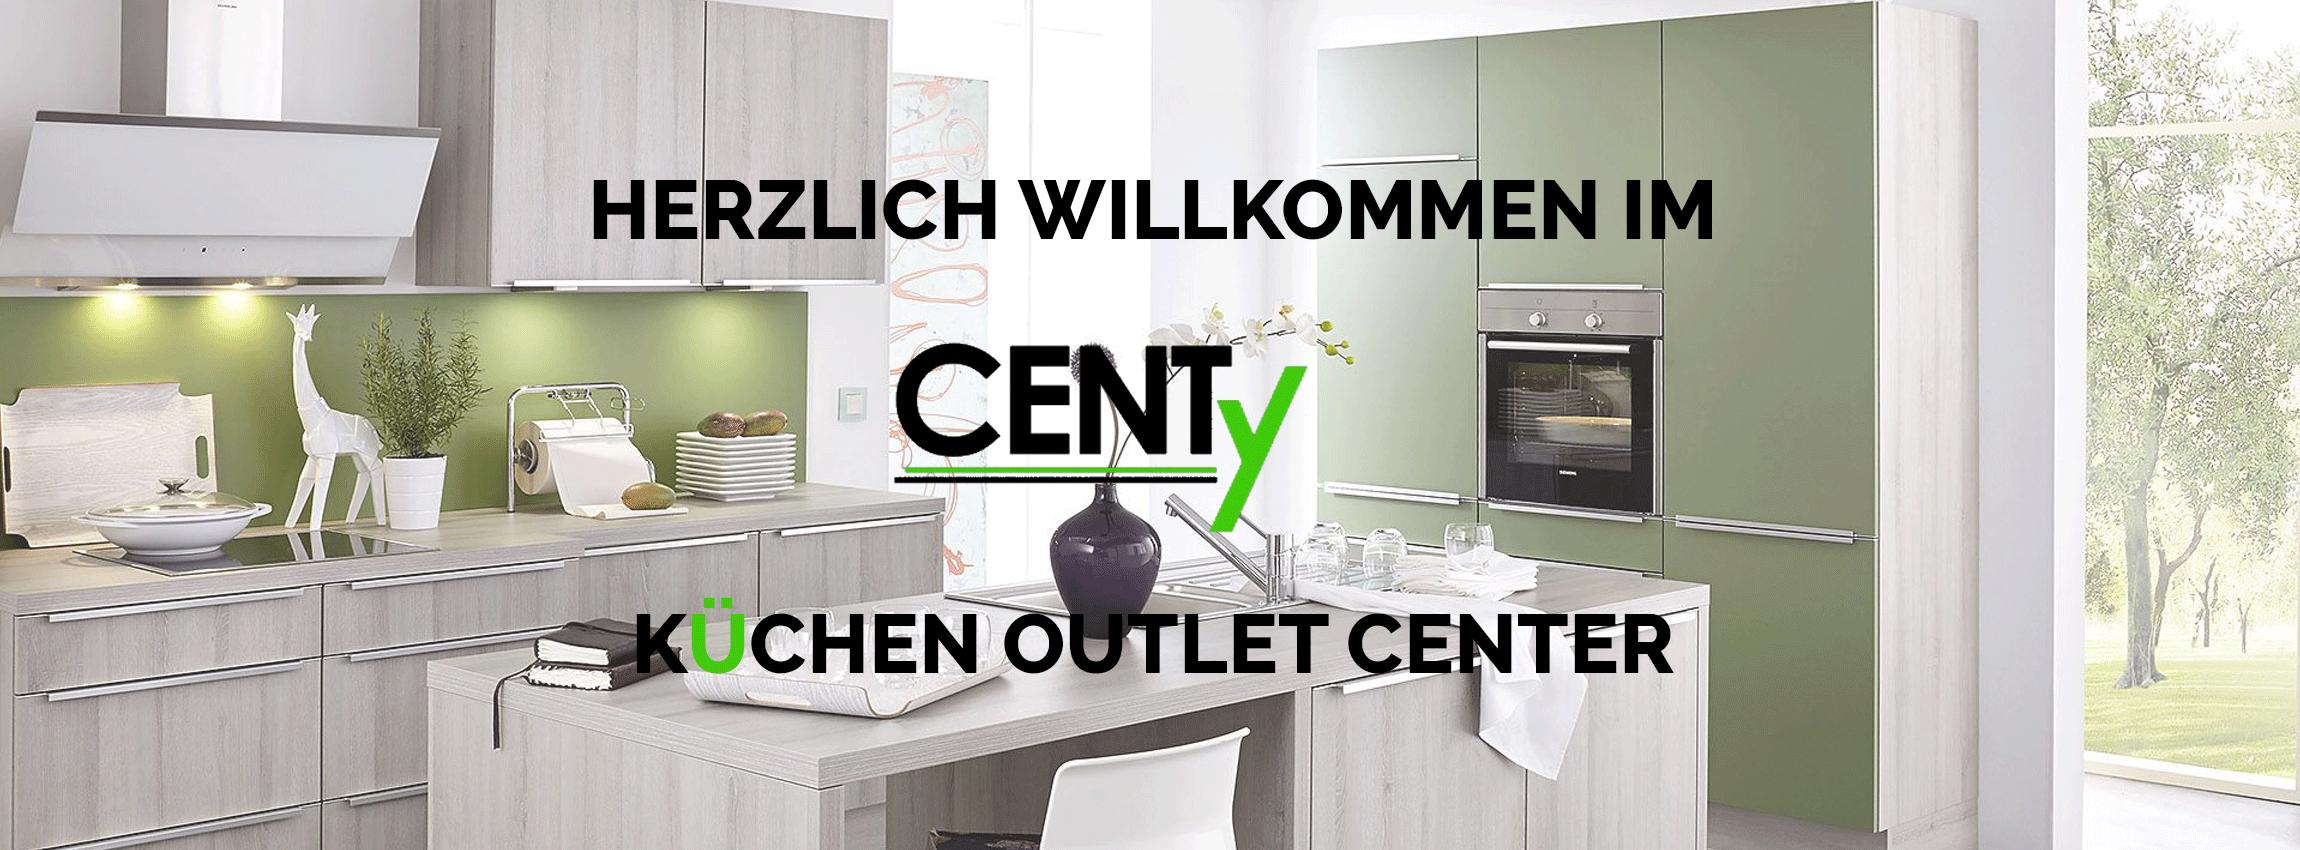 CENTy  Ihr Küchen Outlet Center in Ludwigslust und Parchim.